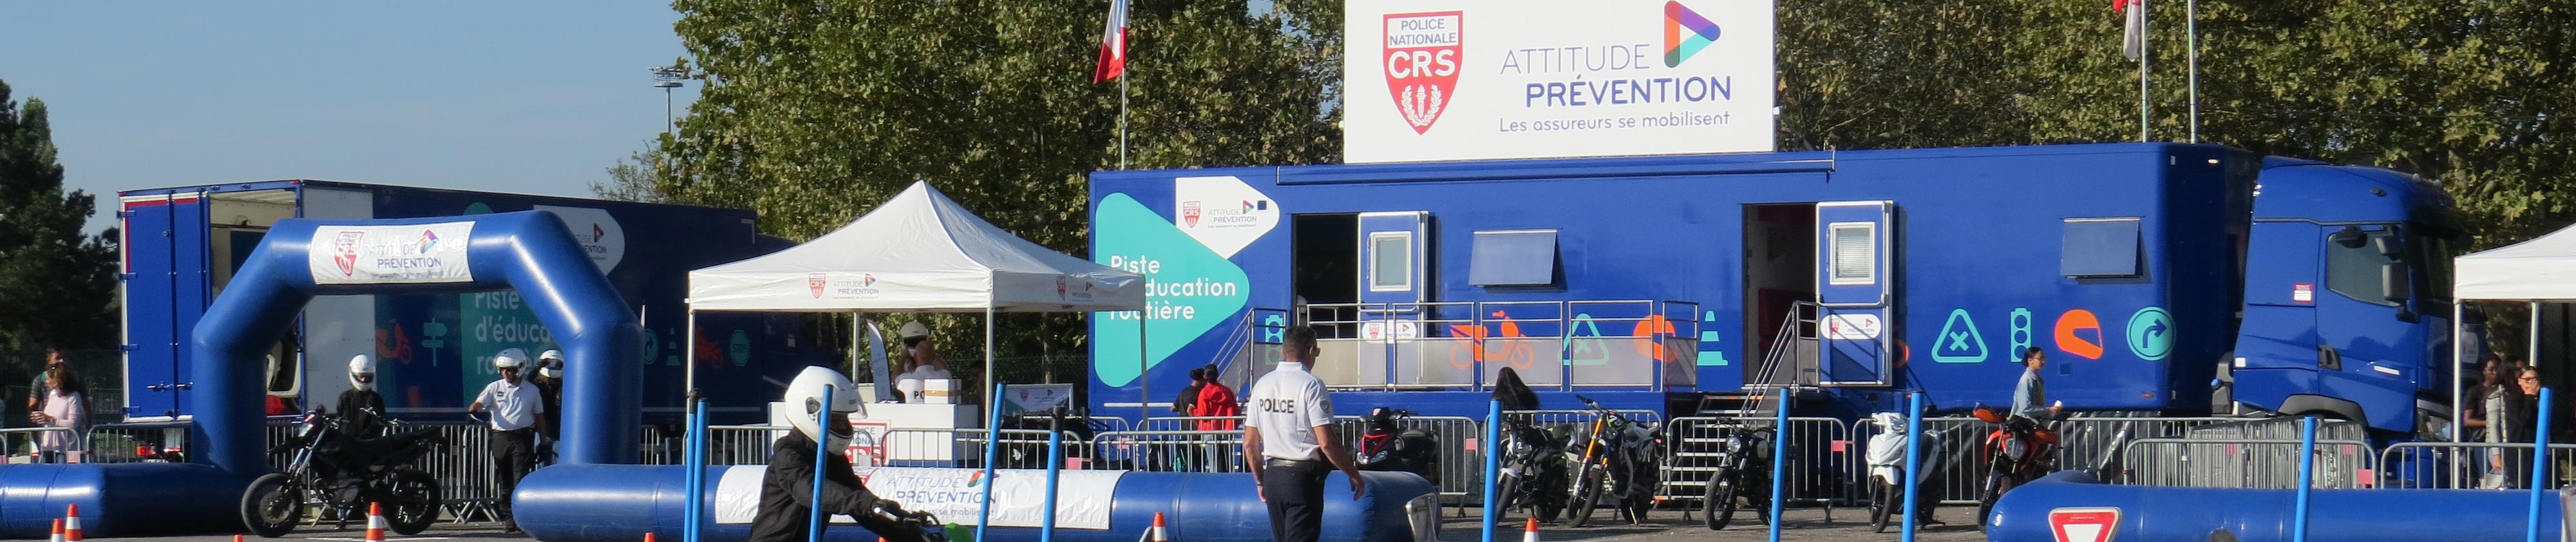 Les jeunes en piste pour la sécurité à Besançon (25), du 23 au 27 septembre